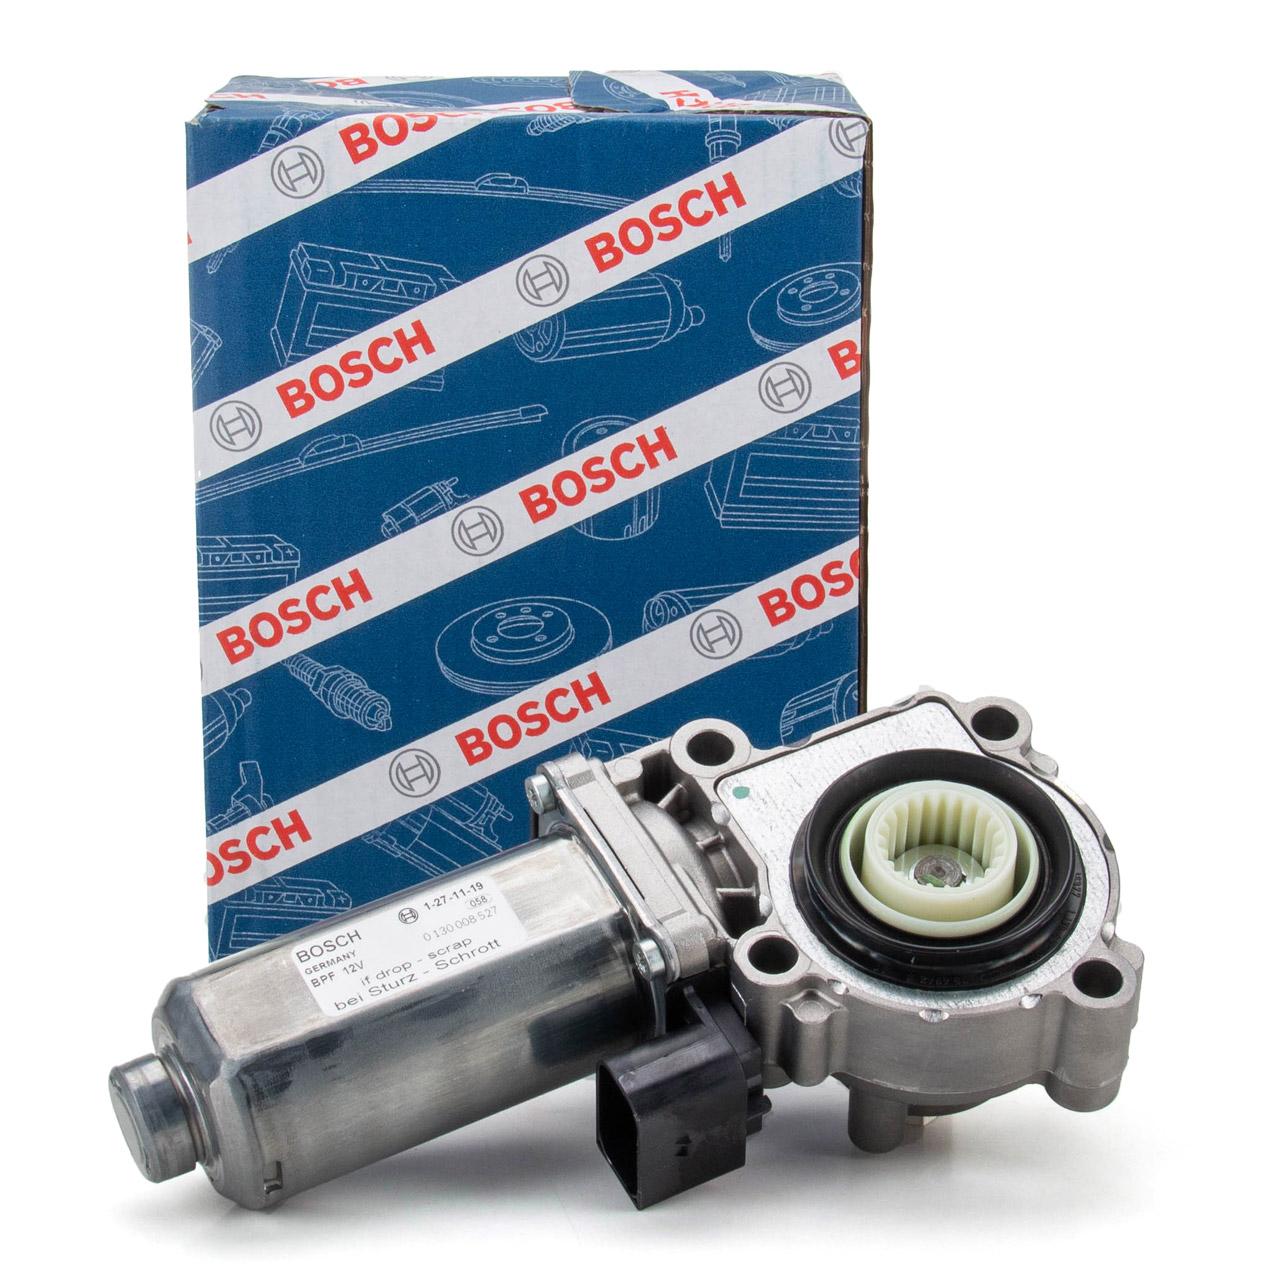 BOSCH 0130008527 Stellmotor Verteilergetriebe BMW X3 E83 X5 E53 E70 X6 E71 E72 27102449709